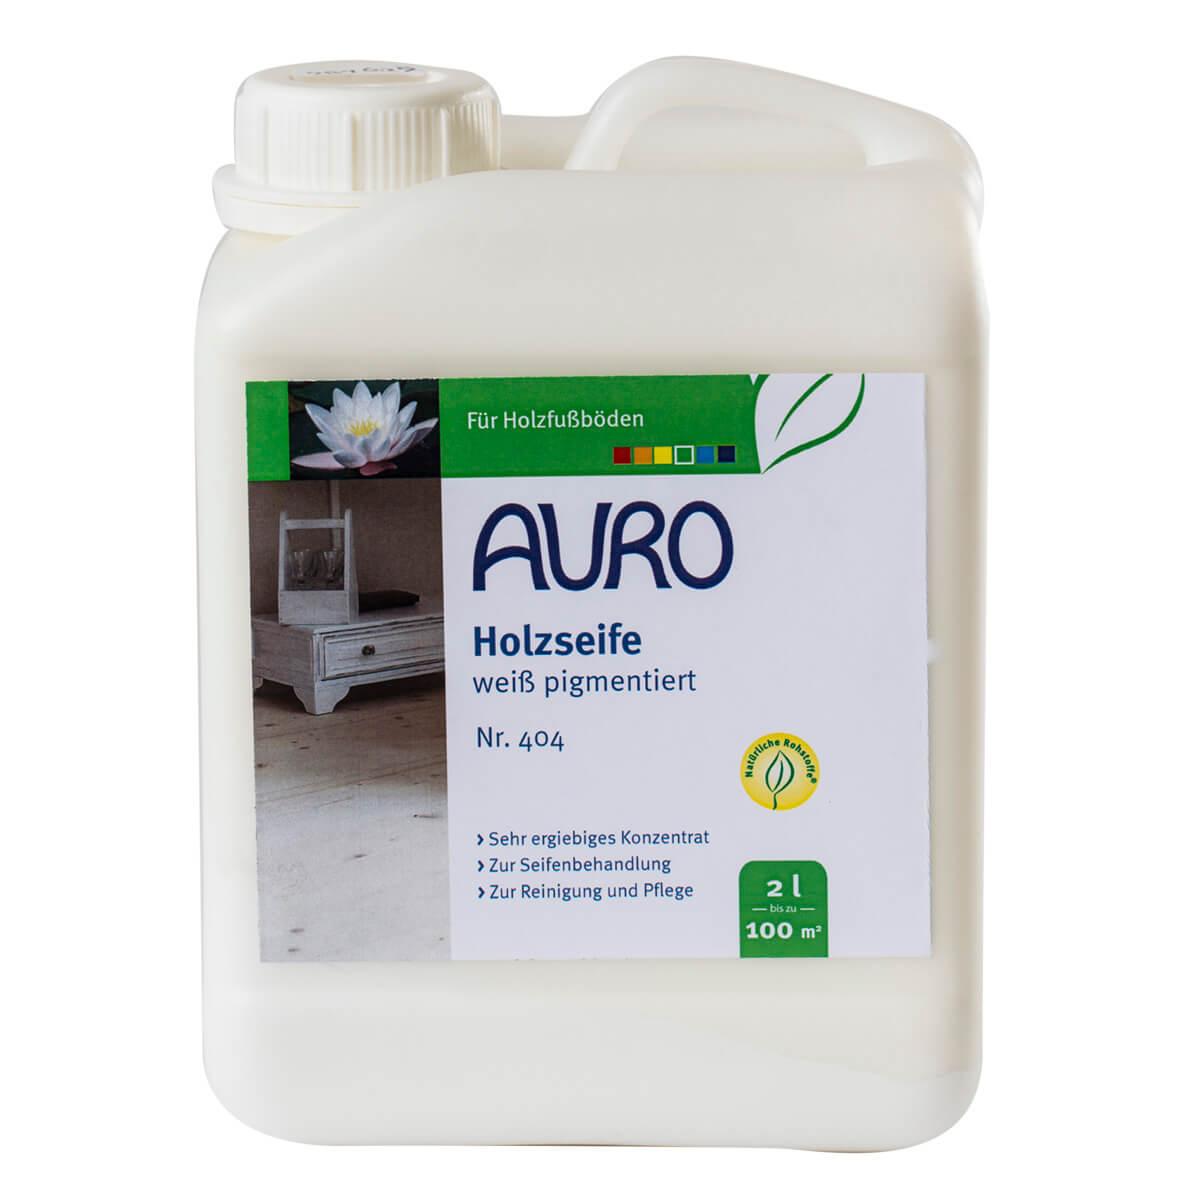 AURO Holzseife, Weiß pigmentiert